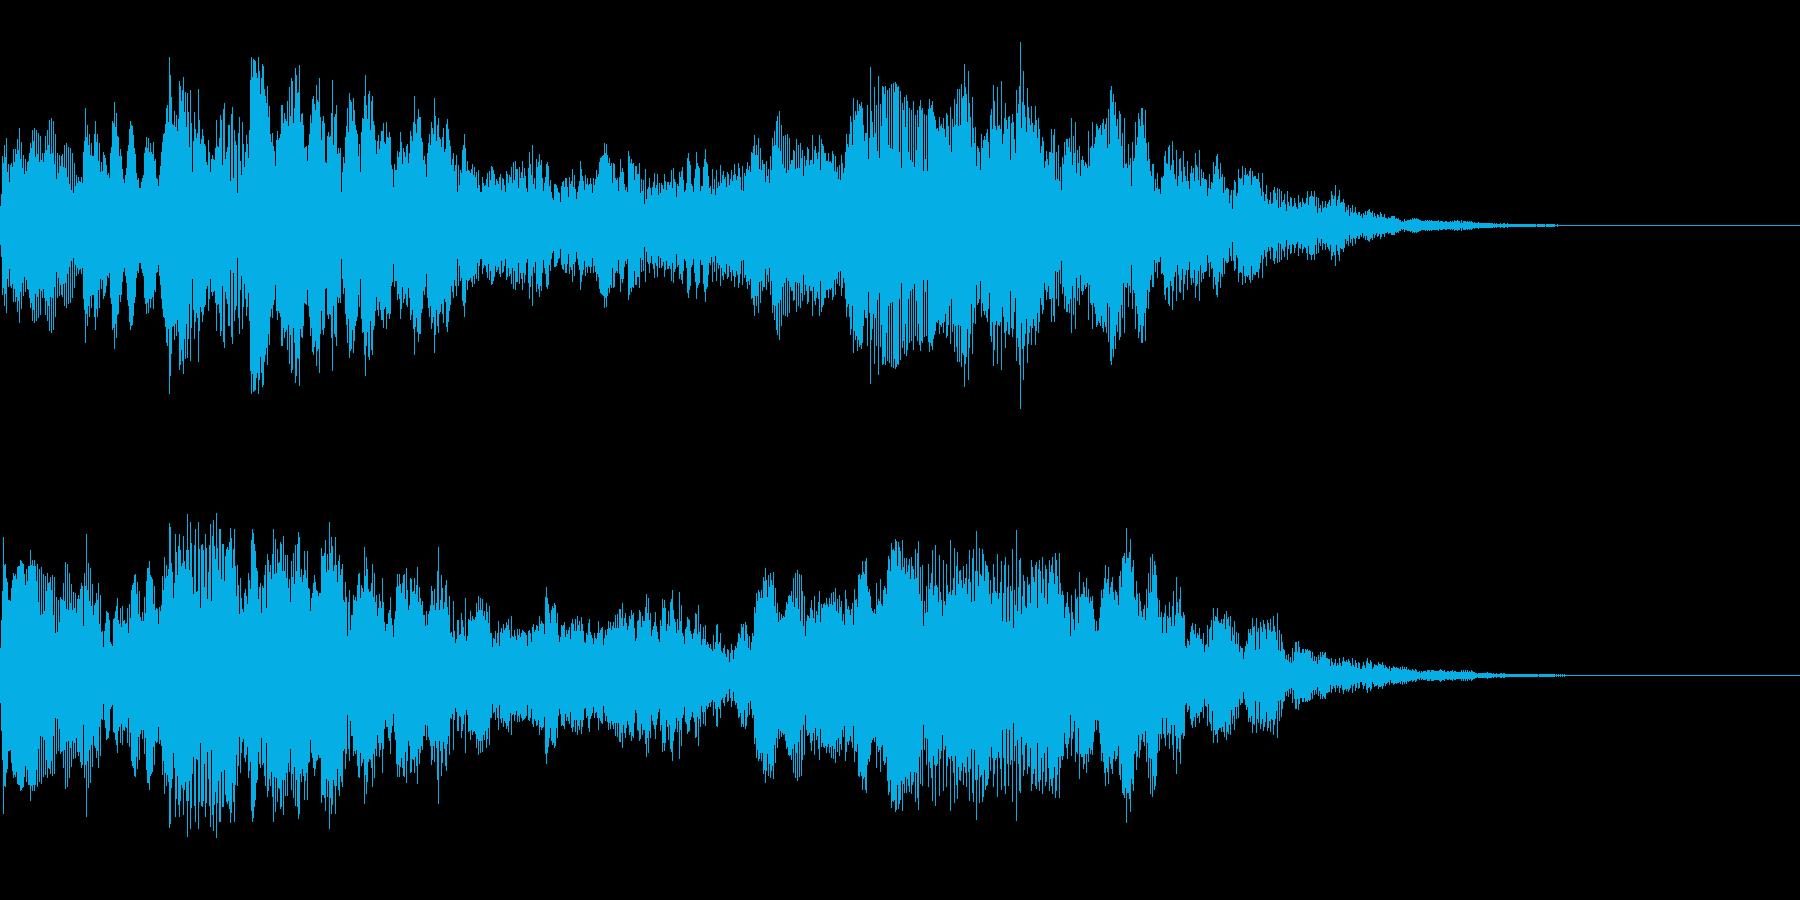 キラキラしたサウンドロゴ、ジングルの再生済みの波形